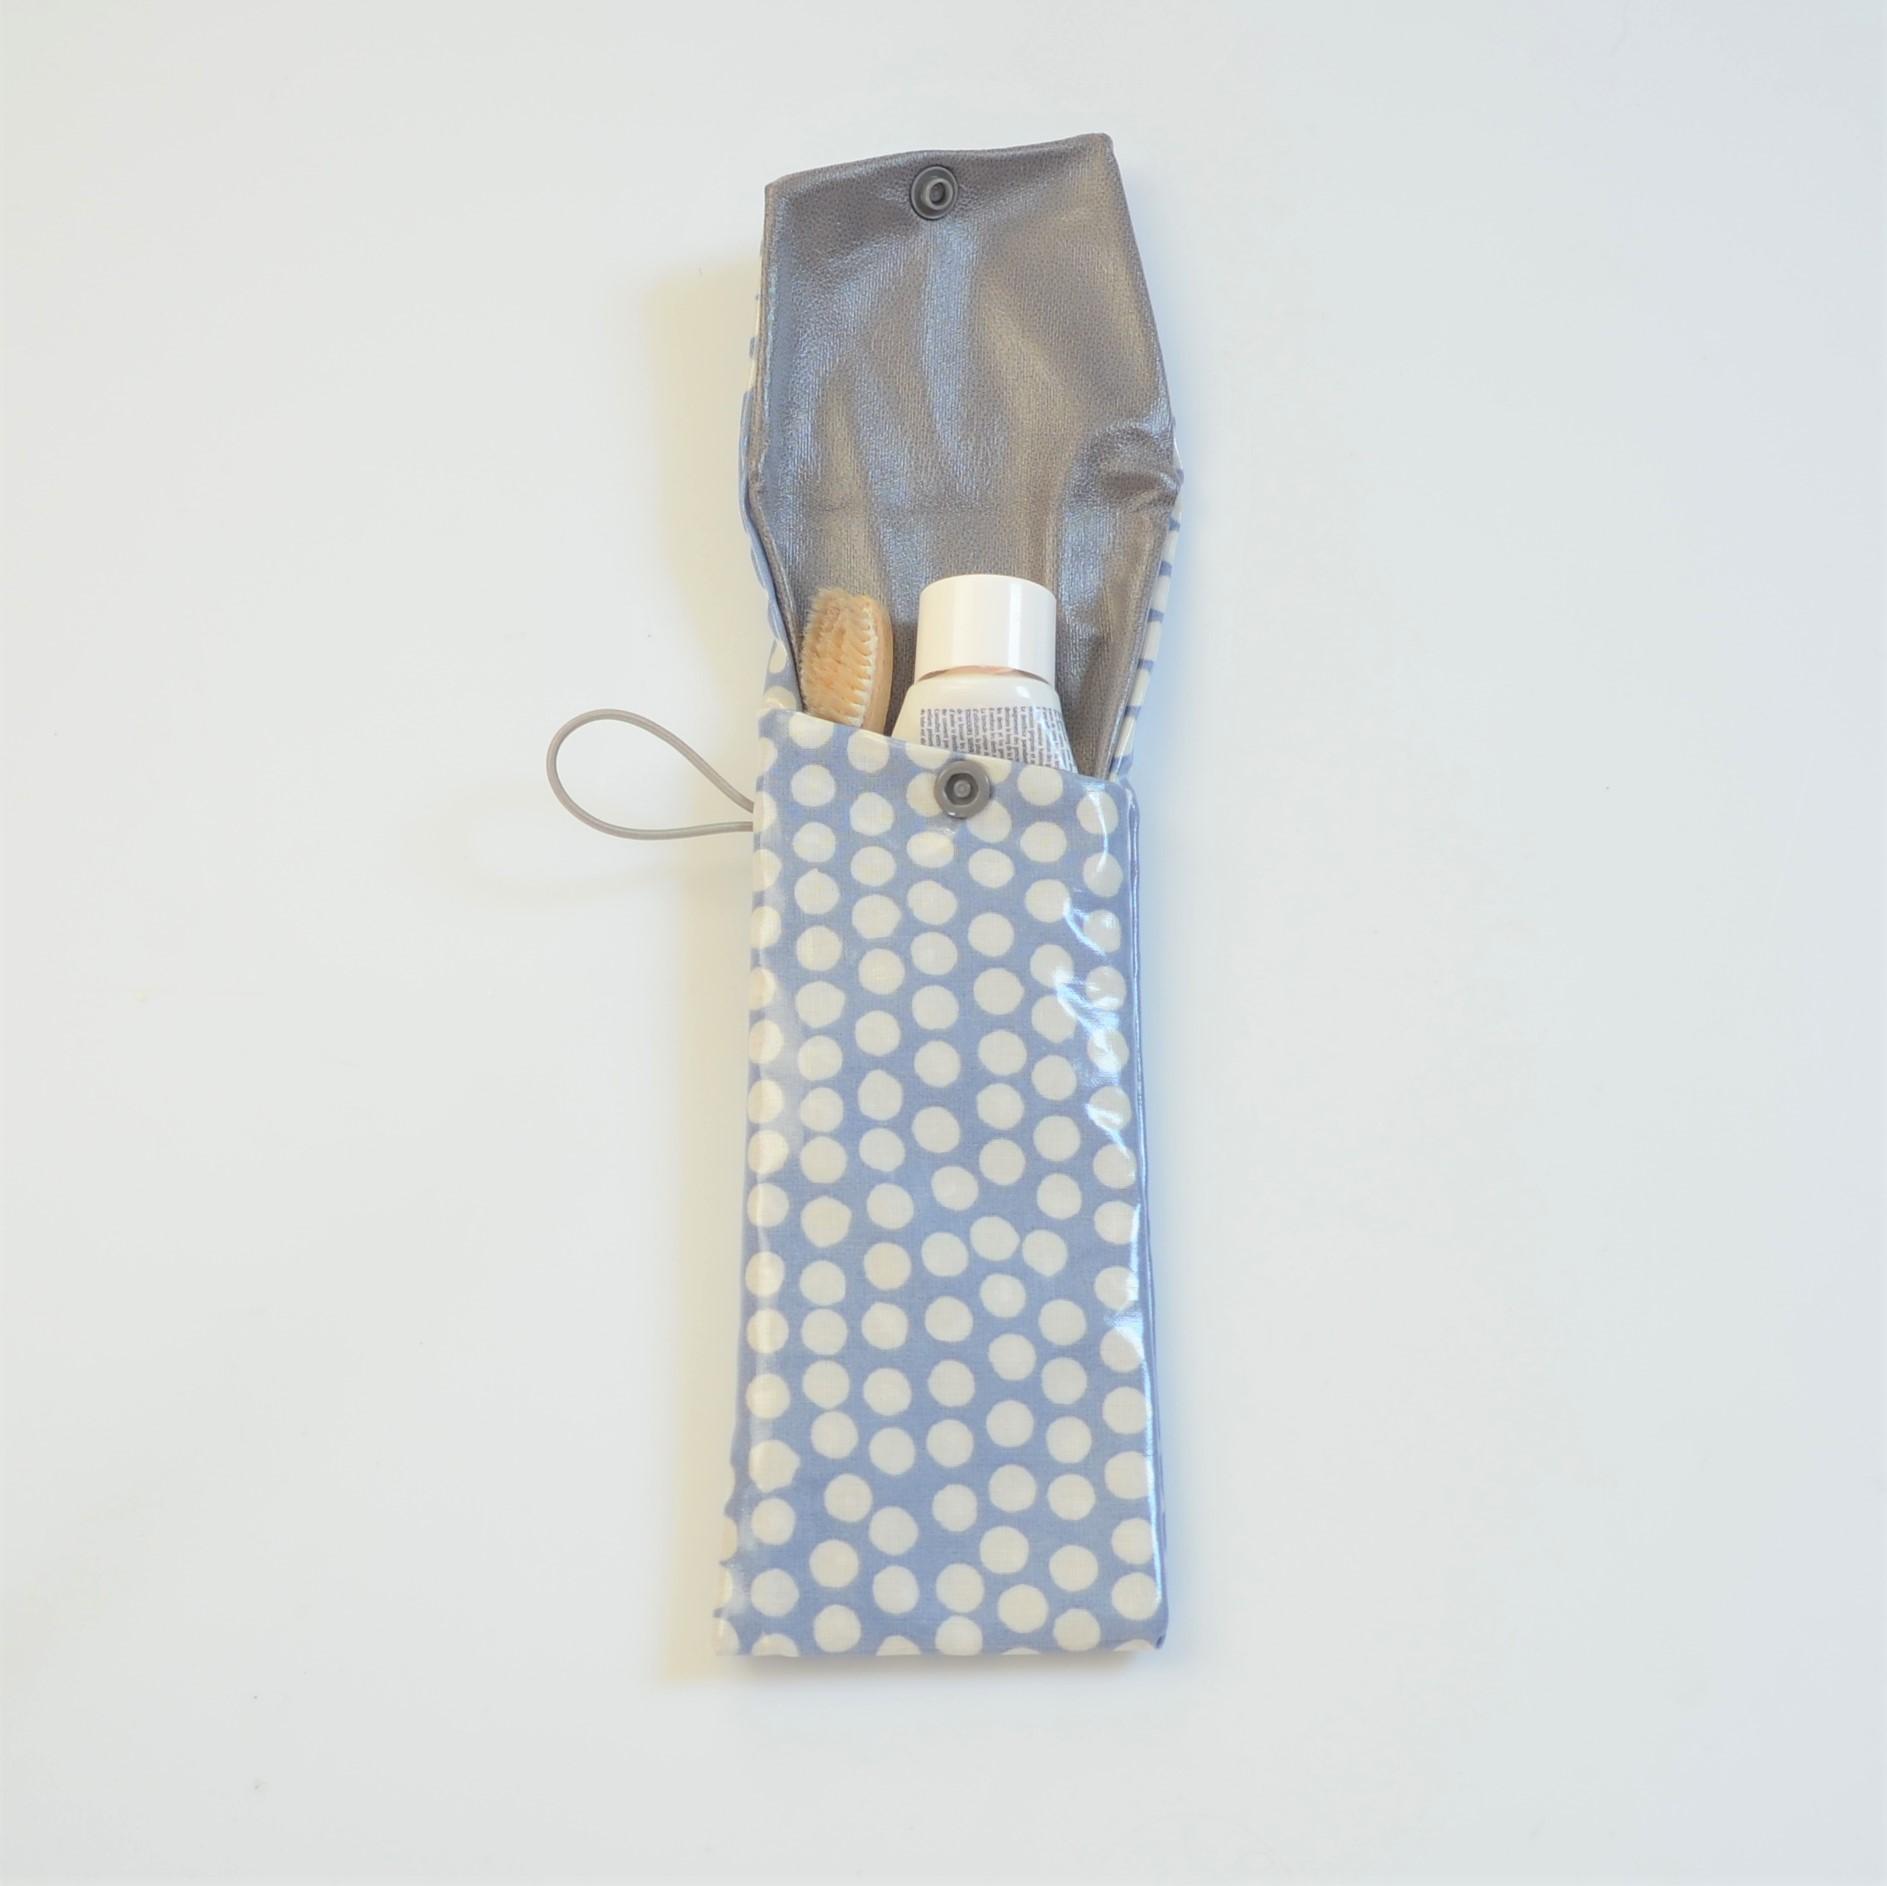 Etui imperméable pour brosse à dent et dentifrice bleu à pois--9995825787124